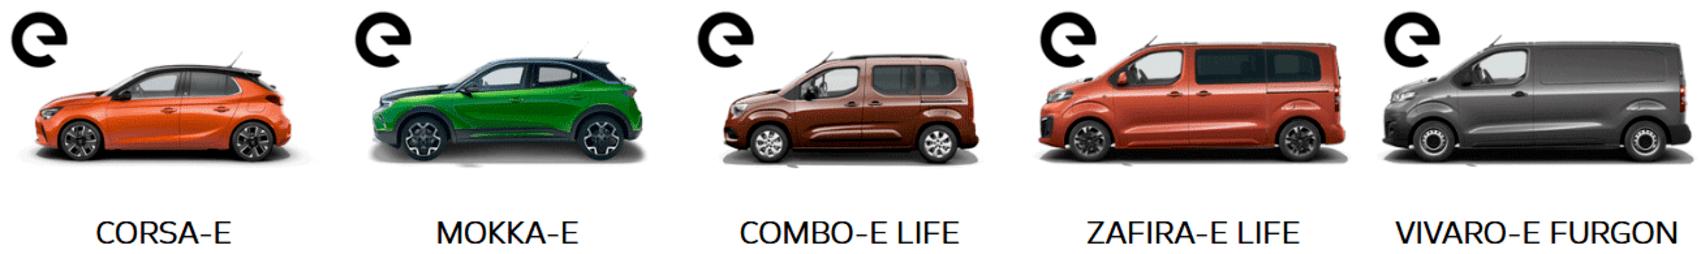 Gama samochodów elektrycznych Opel